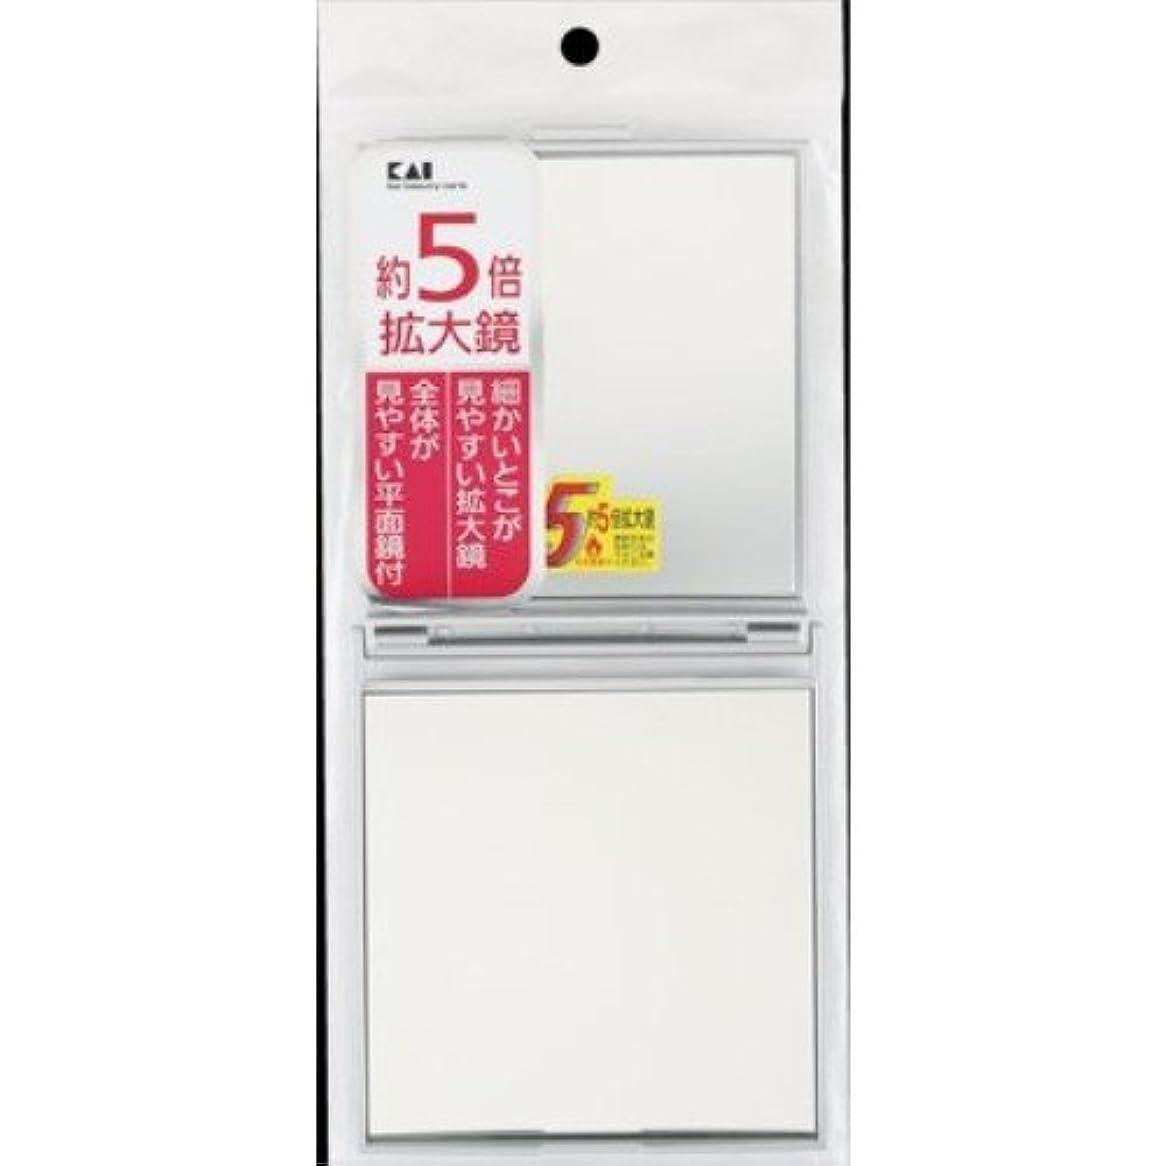 選ぶ作成するケープ貝印 5倍拡大鏡付コンパクトミラー シルバー KX0755